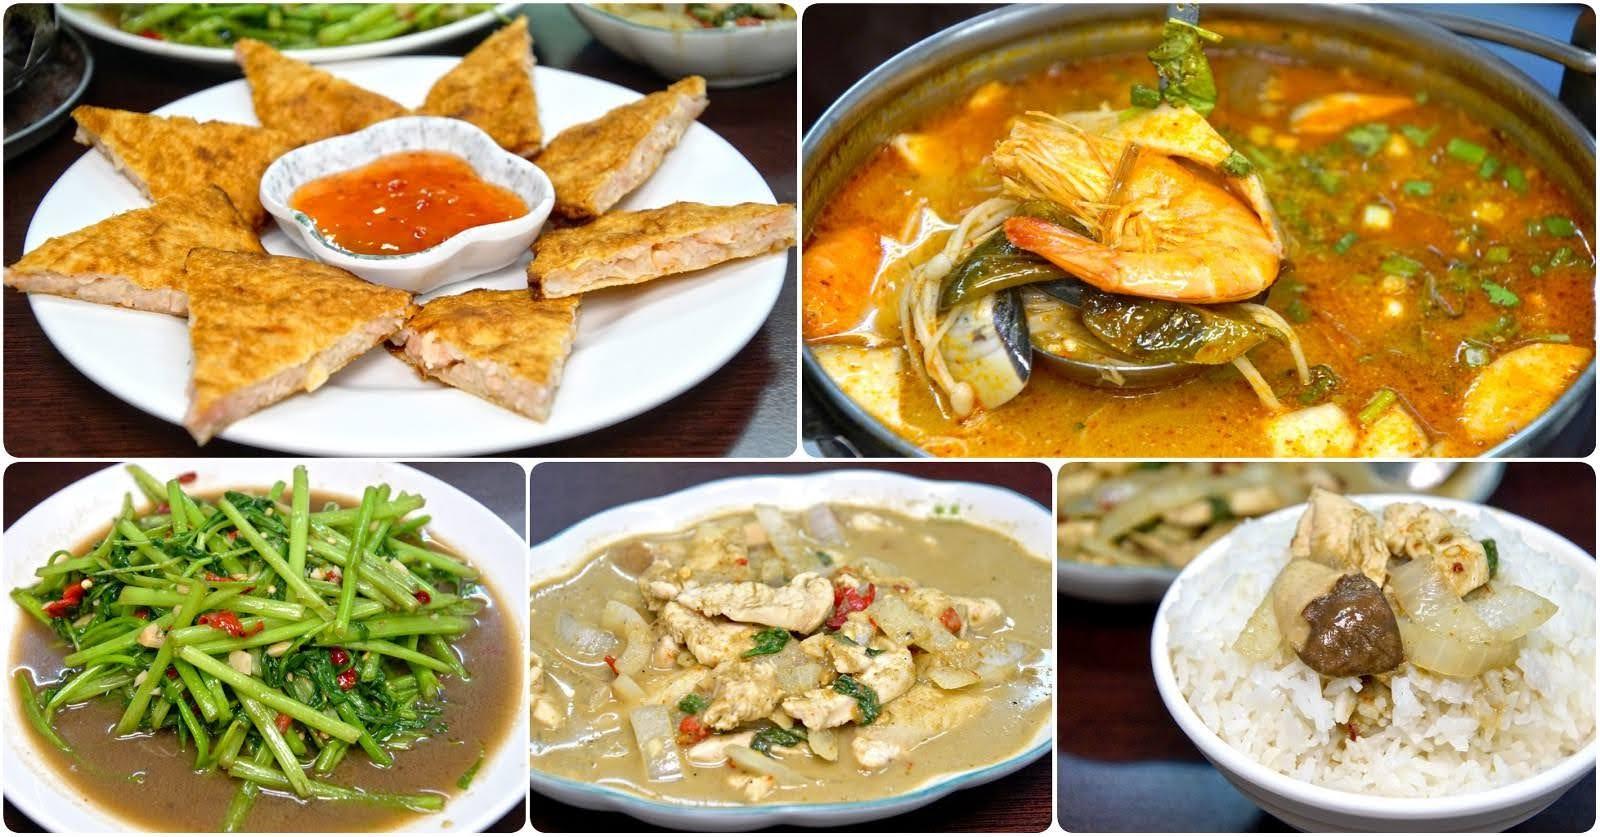 [台南][中西區] 儂may泰國料理 平價泰式套餐、小簡餐 食記